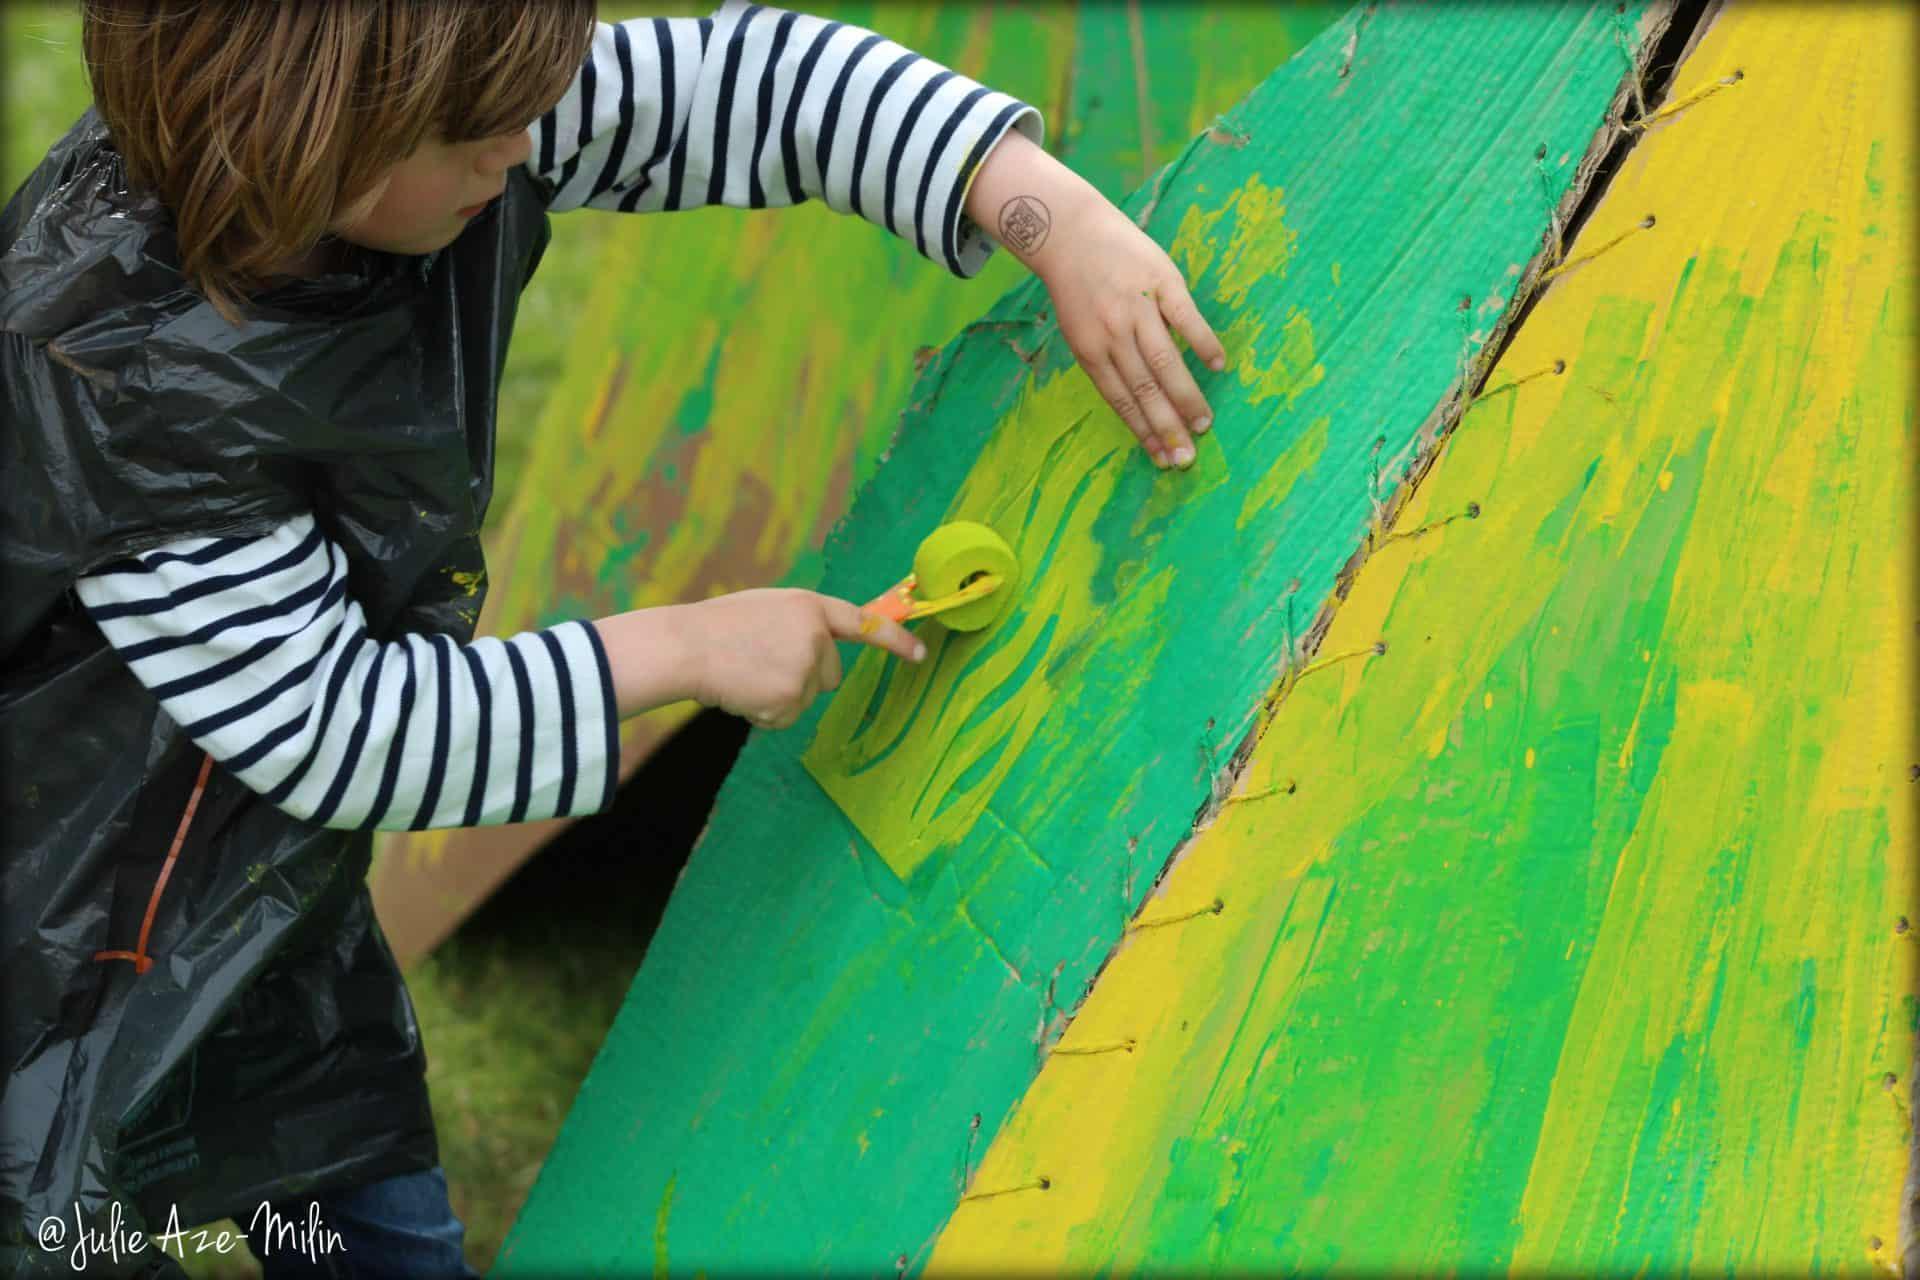 Photo La Fête #6 - atelier arts plastiques - un enfant peint sur un carton